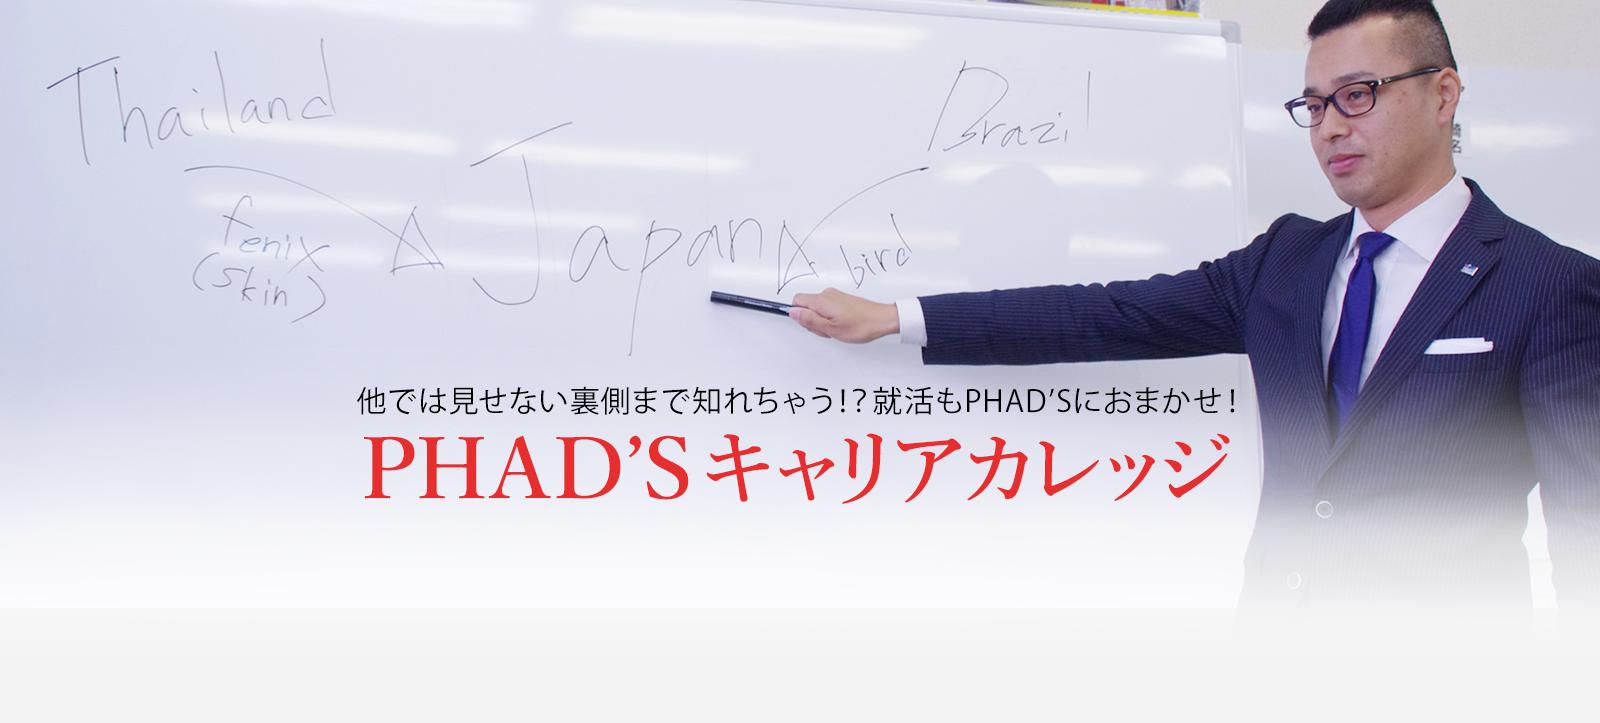 主役は頑張ったあなたです PHAD'S CONVENTION